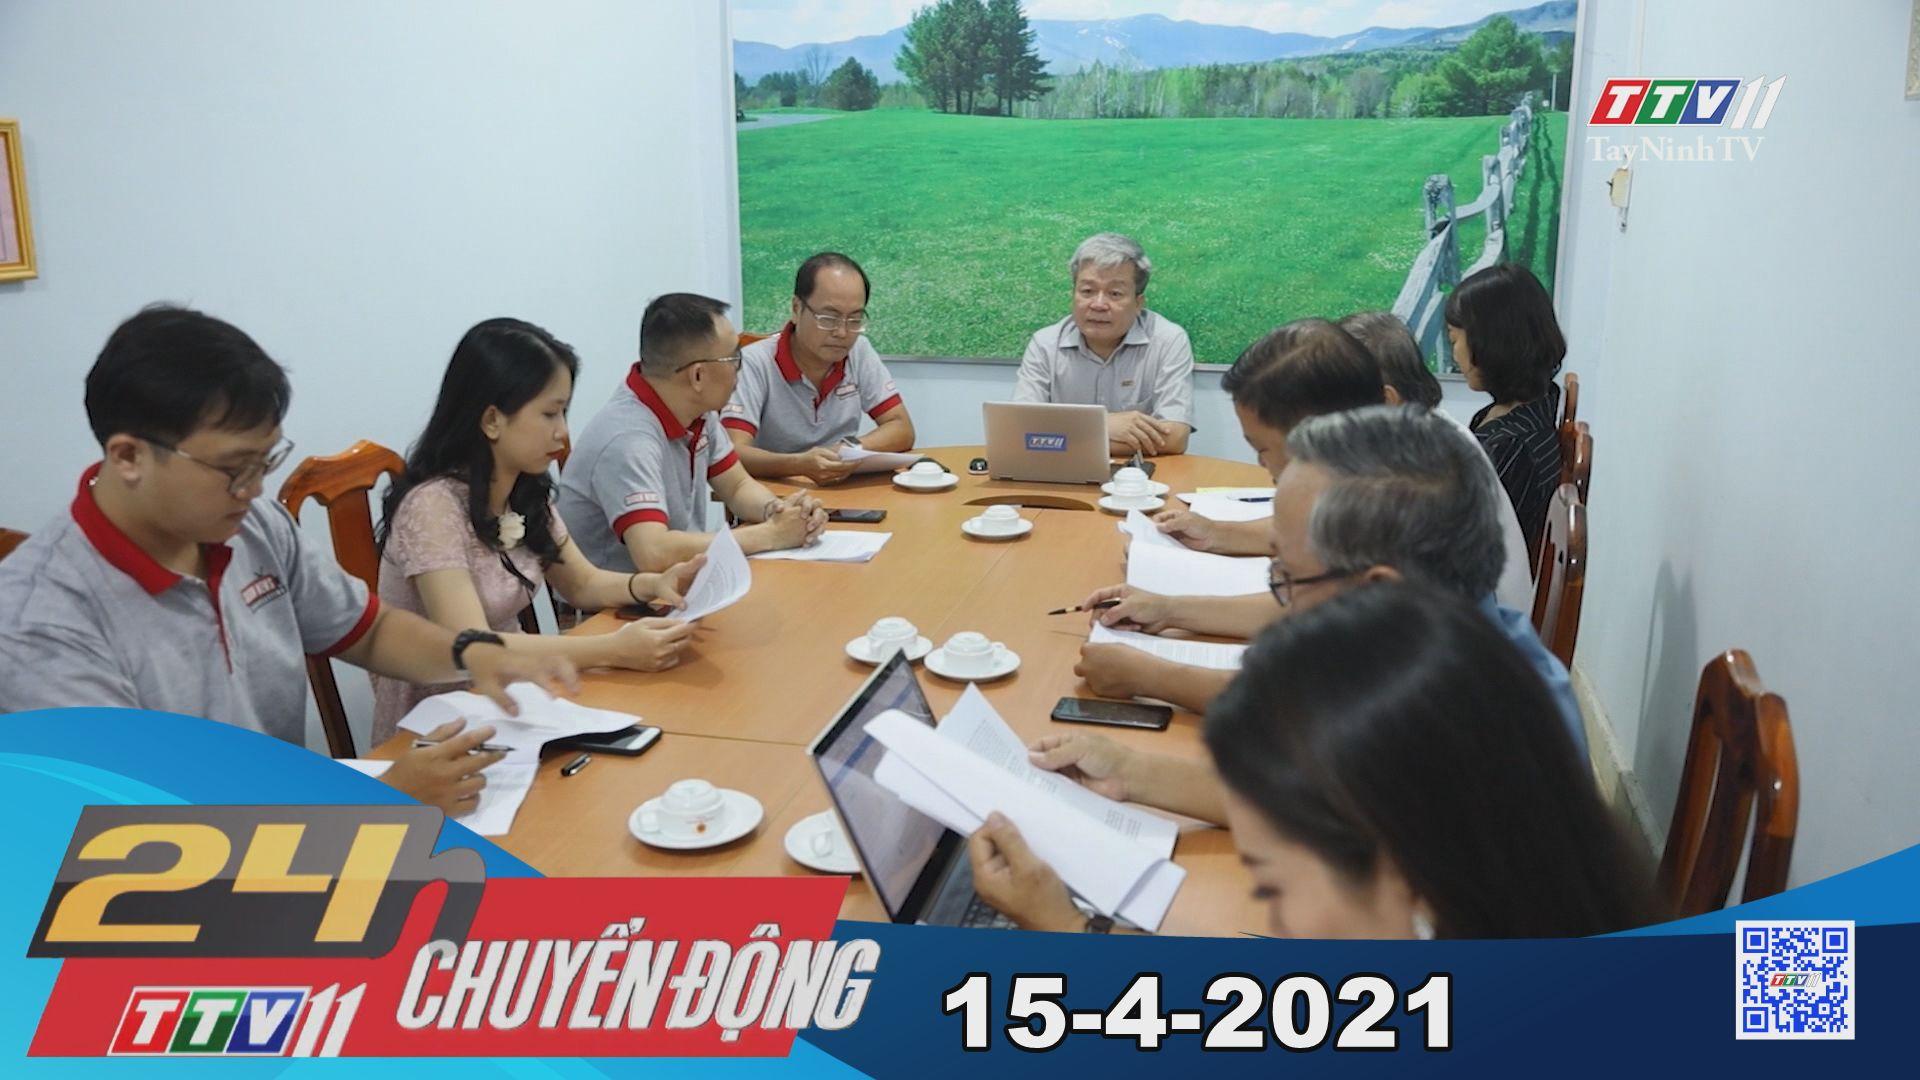 24h Chuyển động 15-4-2021 | Tin tức hôm nay | TayNinhTV